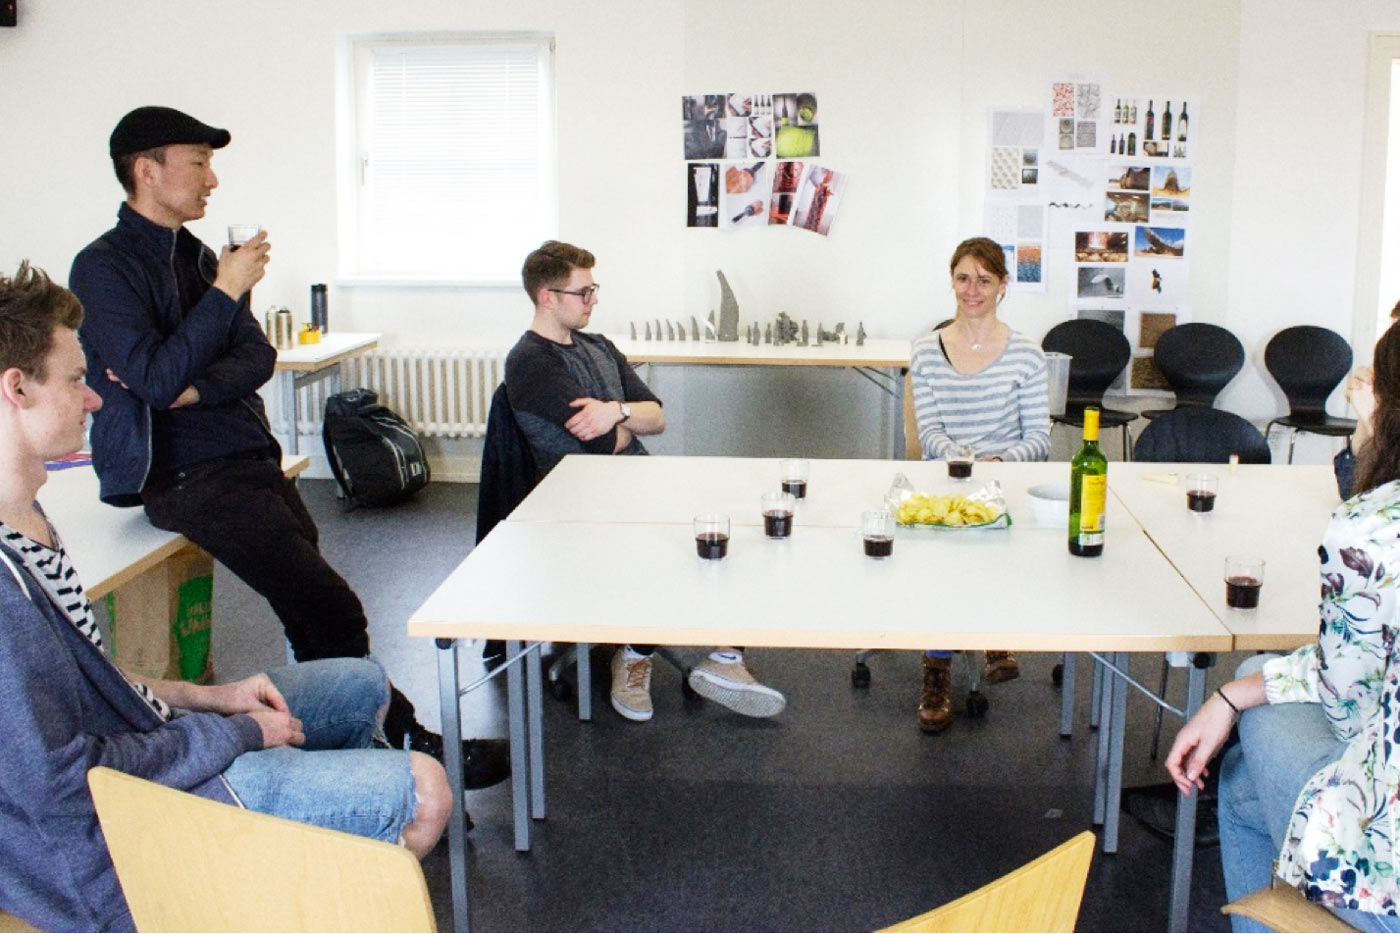 """Taller didáctico """"Reinvent the wine bottle"""" en la Universidad MUTHESIUS"""